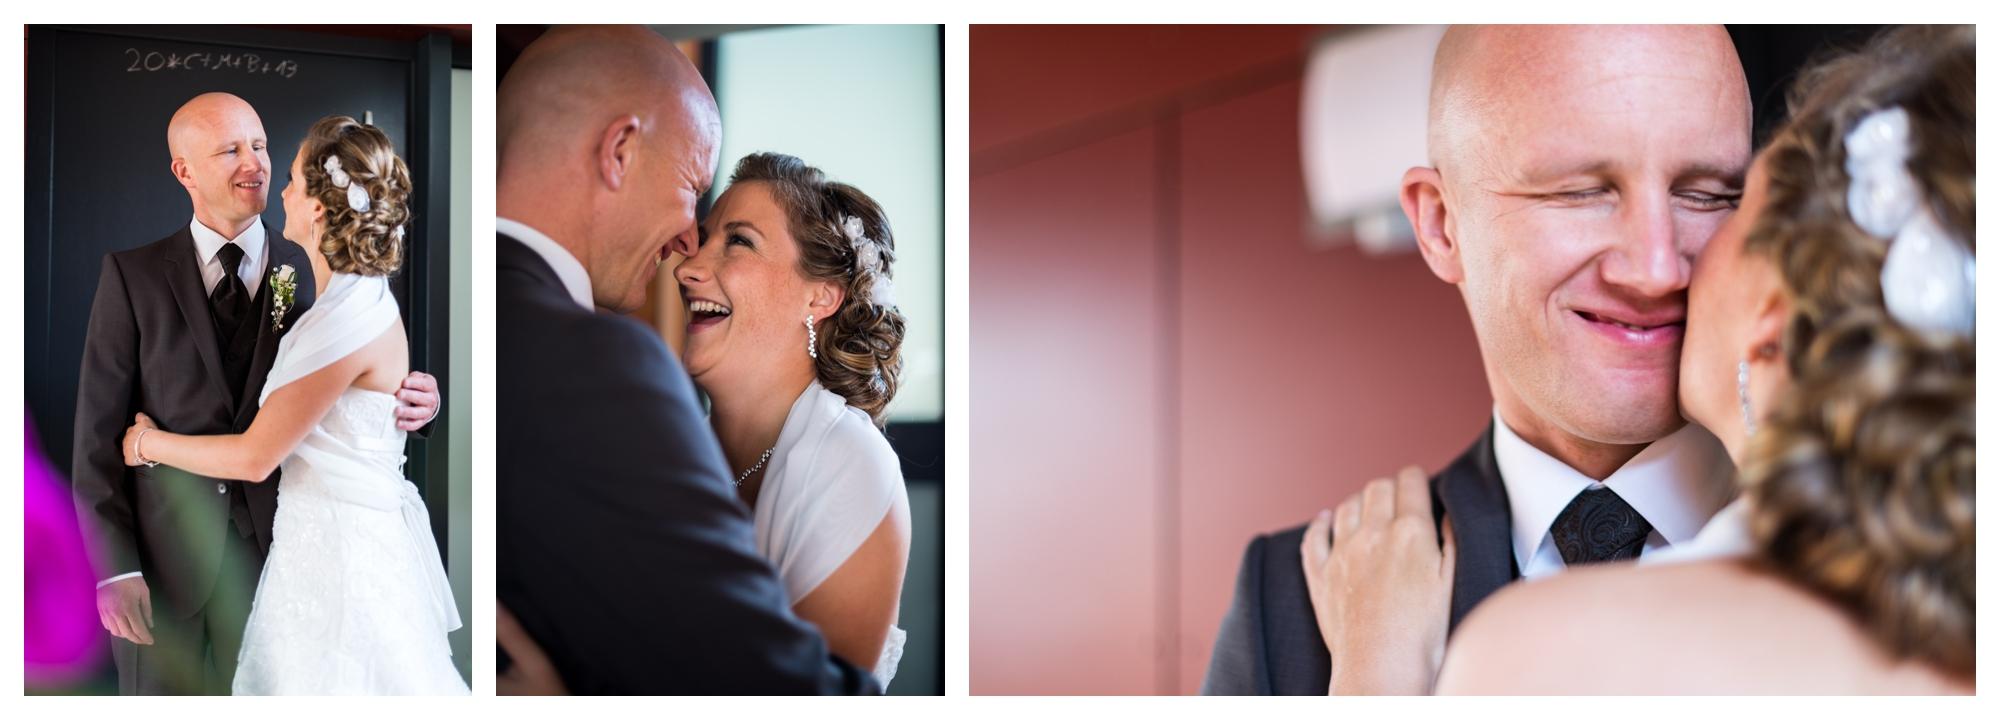 Fotograf Konstanz - Als Hochzeitsfotograf in Bad Dürrheim unterwegs  - 10 -